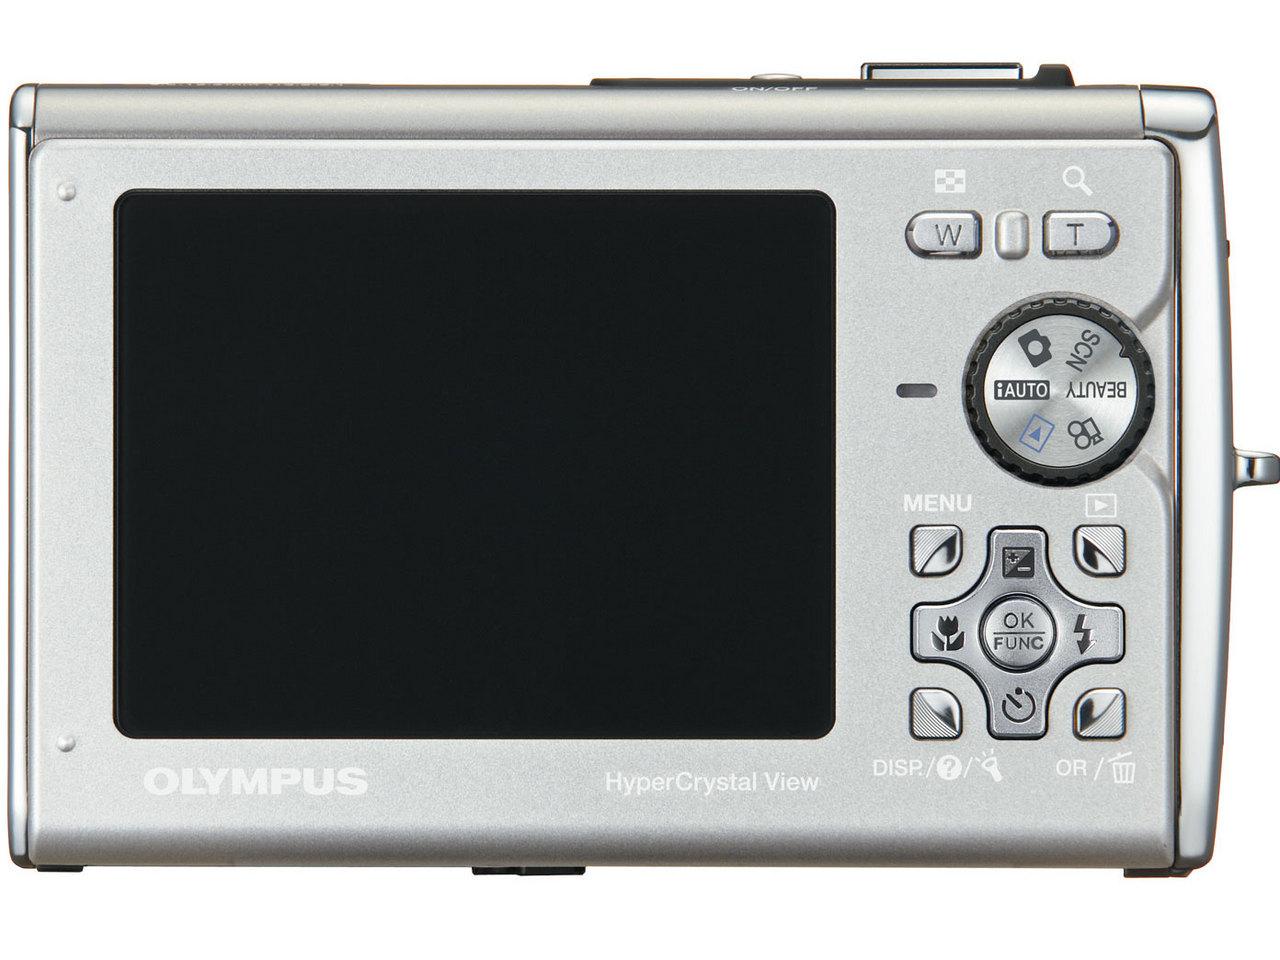 『本体 背面』 μ TOUGH-8000 の製品画像